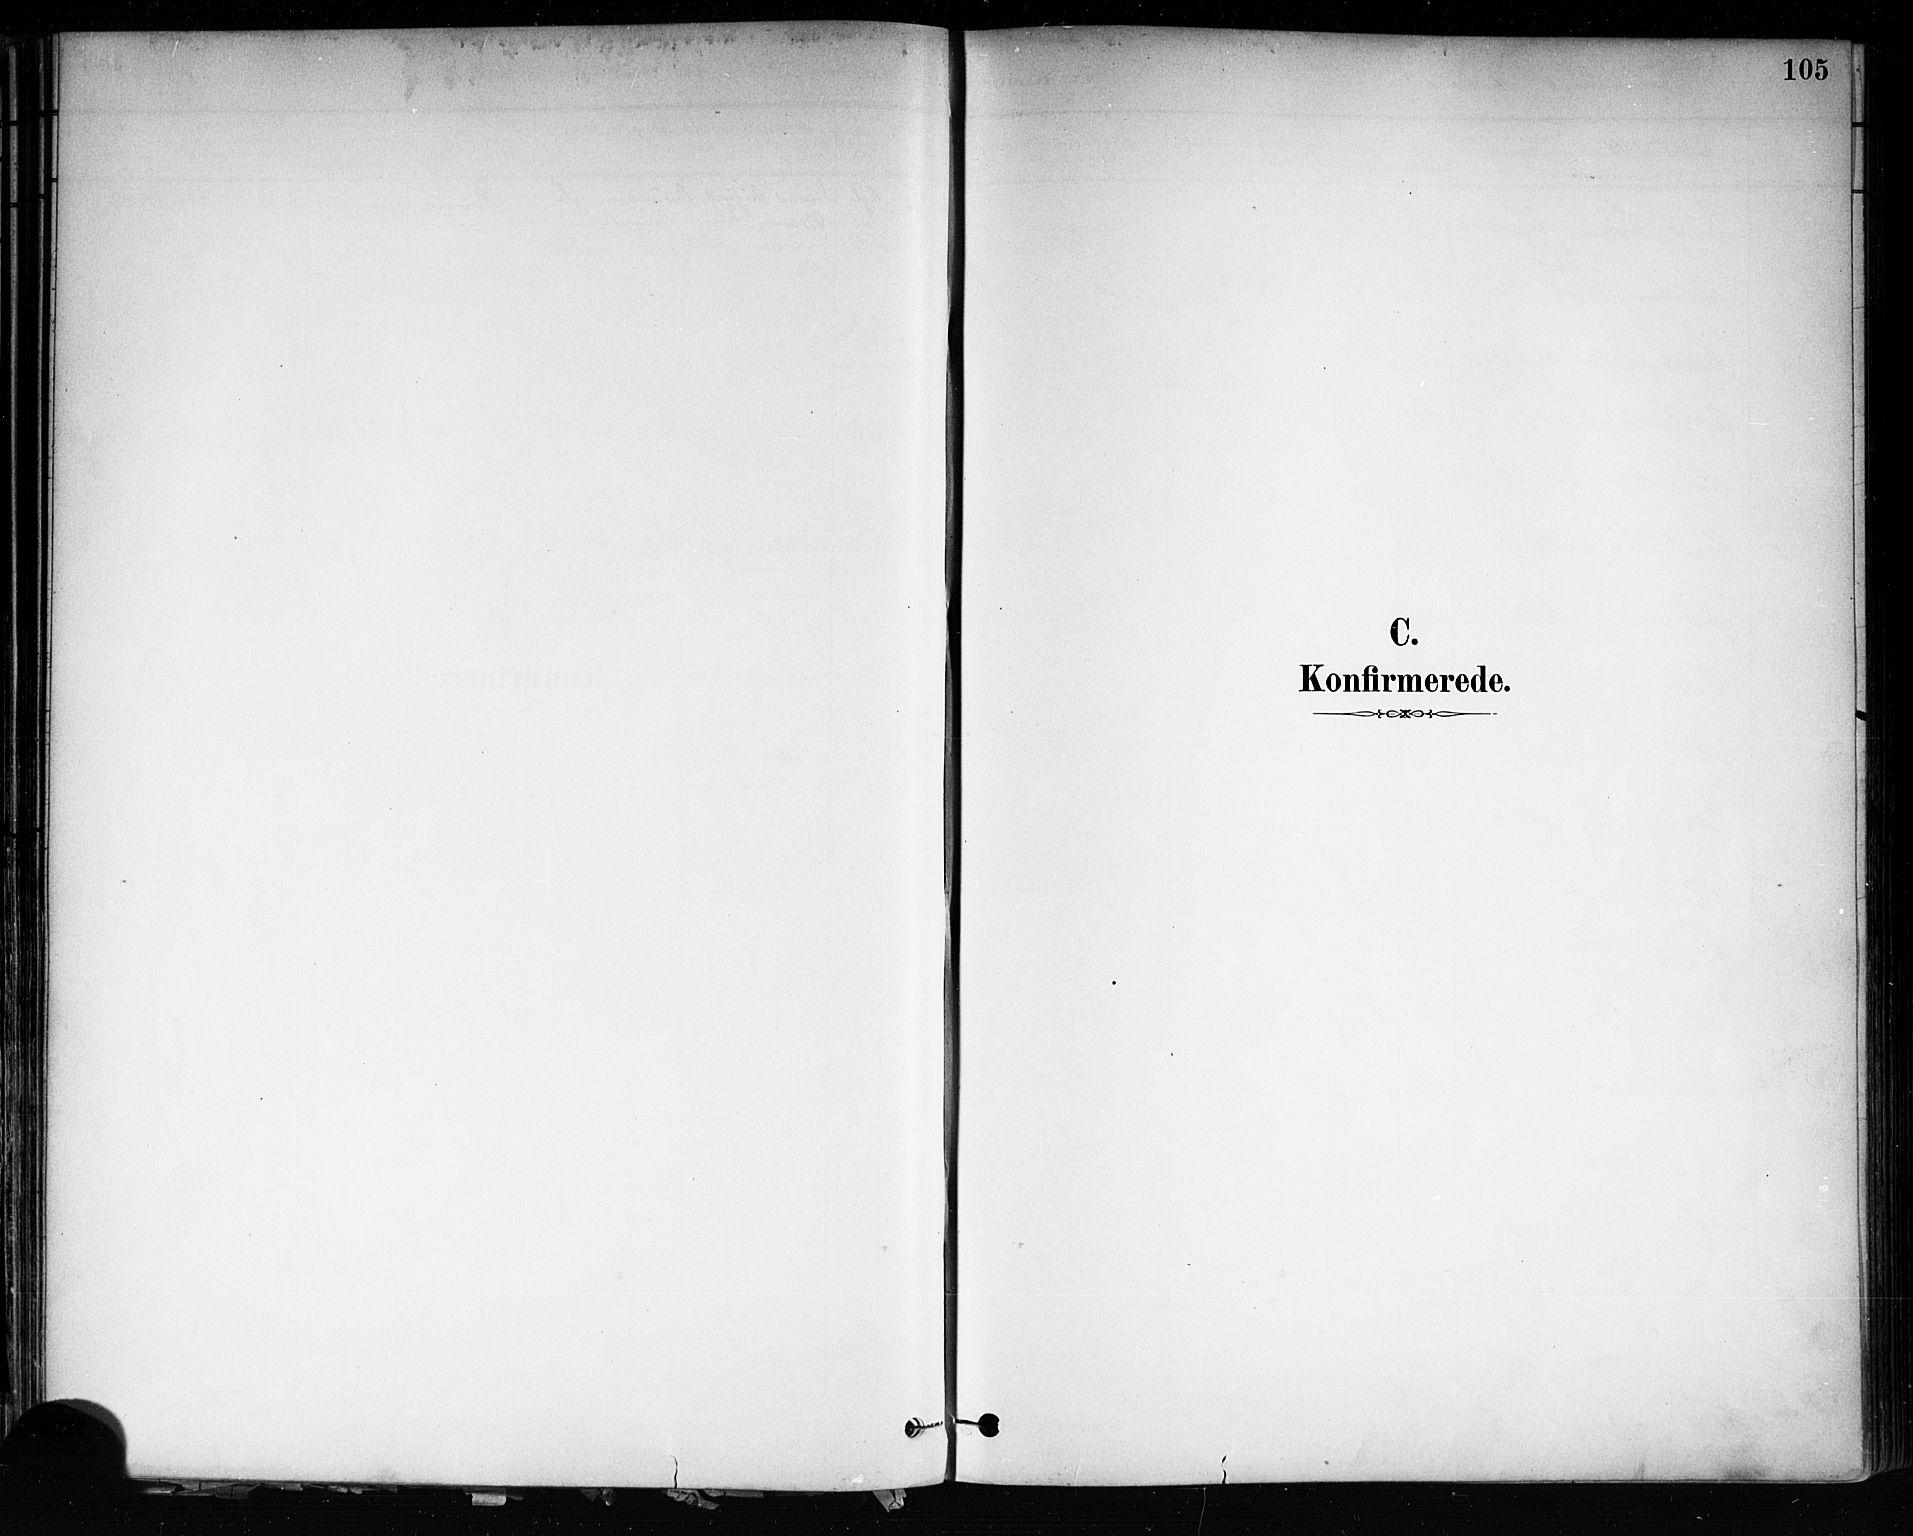 SAKO, Brevik kirkebøker, F/Fa/L0007: Ministerialbok nr. 7, 1882-1900, s. 105